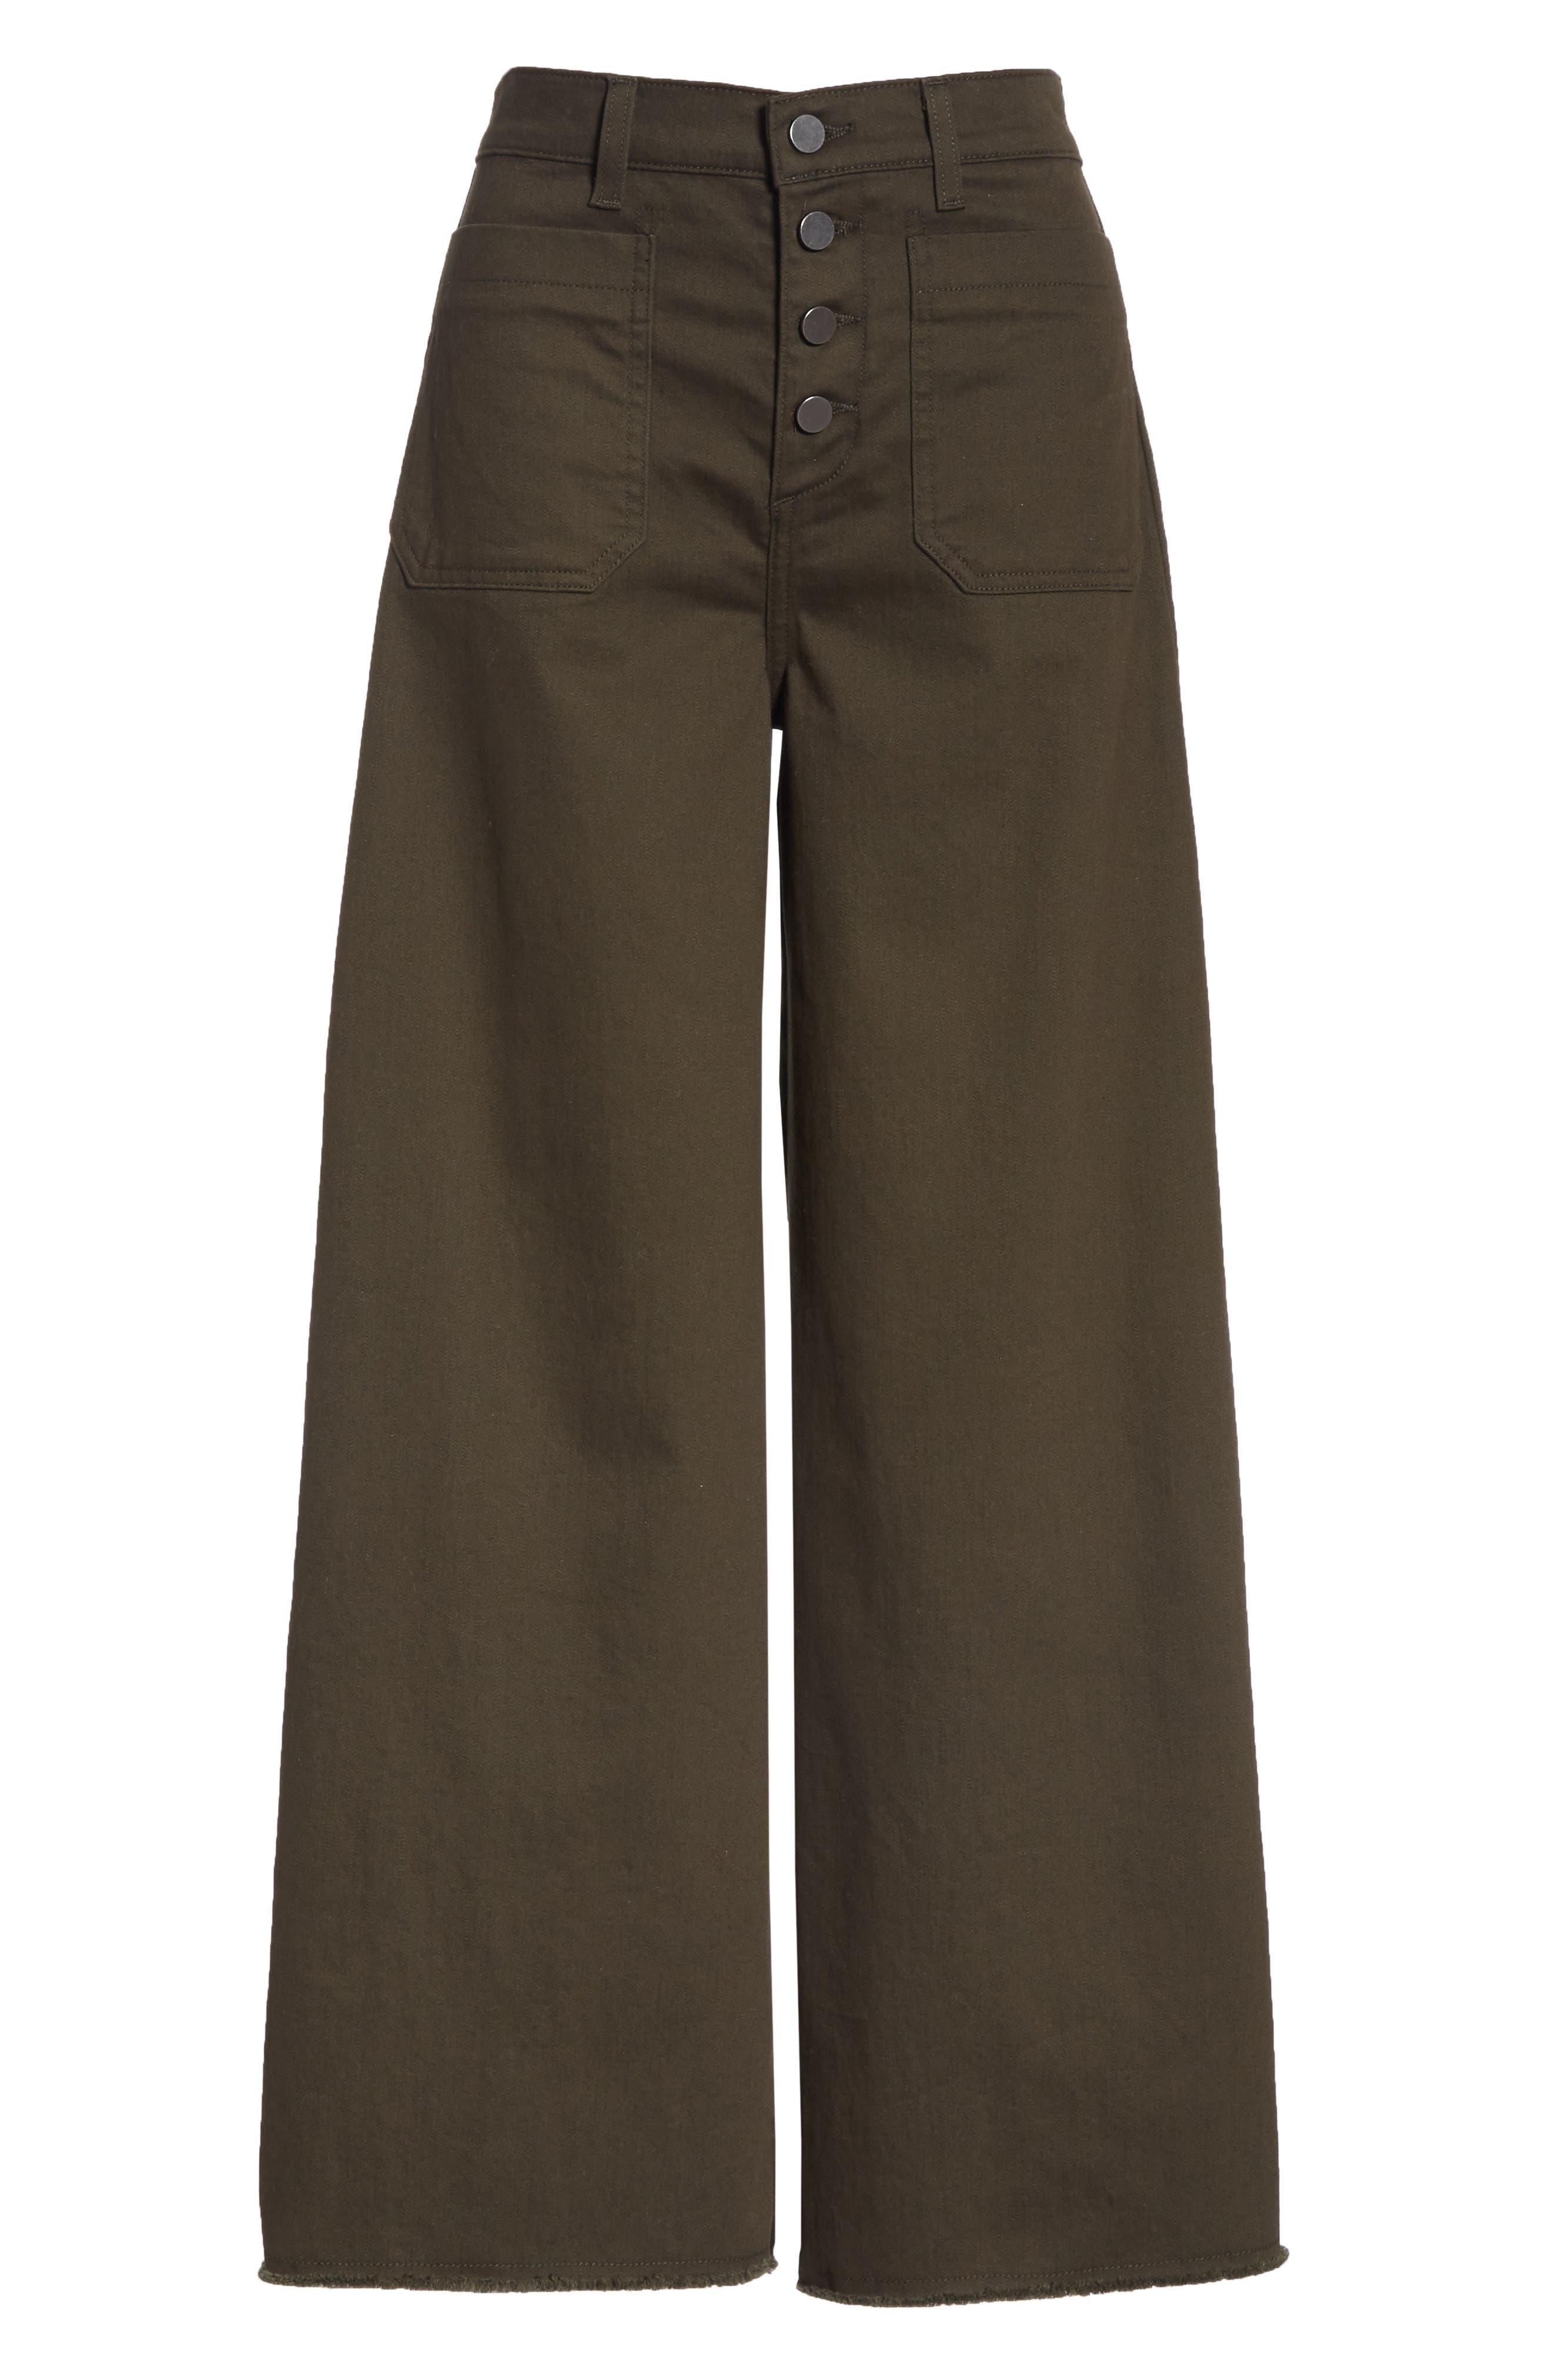 Carmine High Waist Wide Leg Crop Jeans,                             Alternate thumbnail 6, color,                             COMBAT